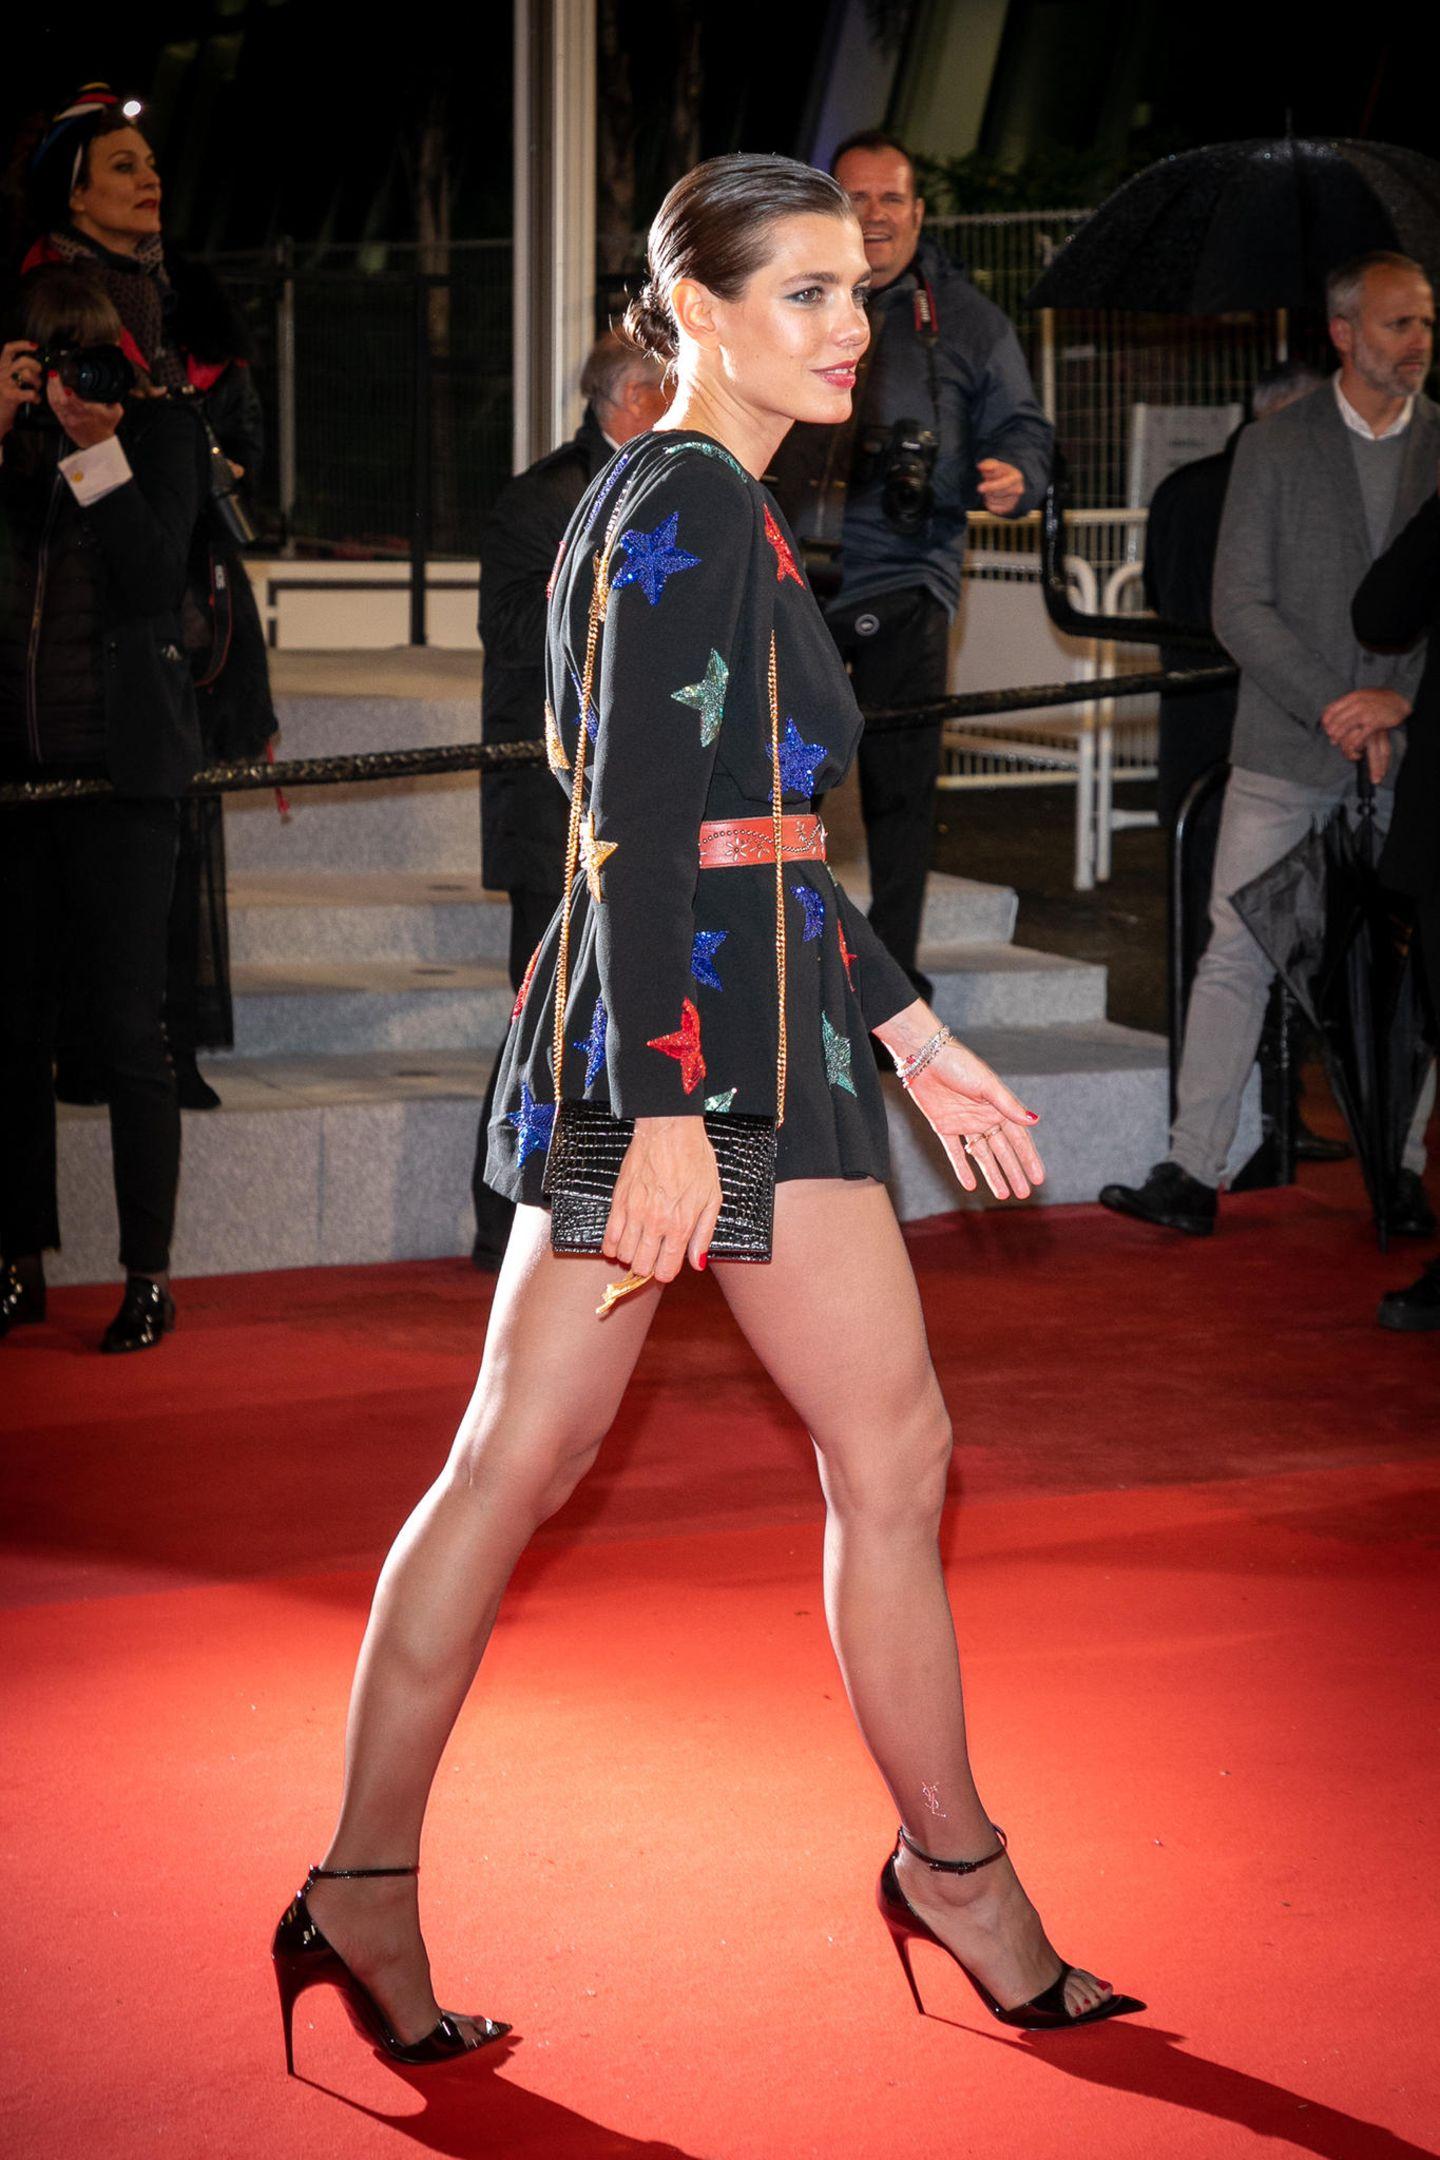 In großen Schritten schreitet Charlotte Casiraghi über den roten Teppich der Filmfestpiele in Cannes. In einem knappen Jumpsuit von Saint Laurent werden ihre langen schlanken Beine in Szene gesetzt.